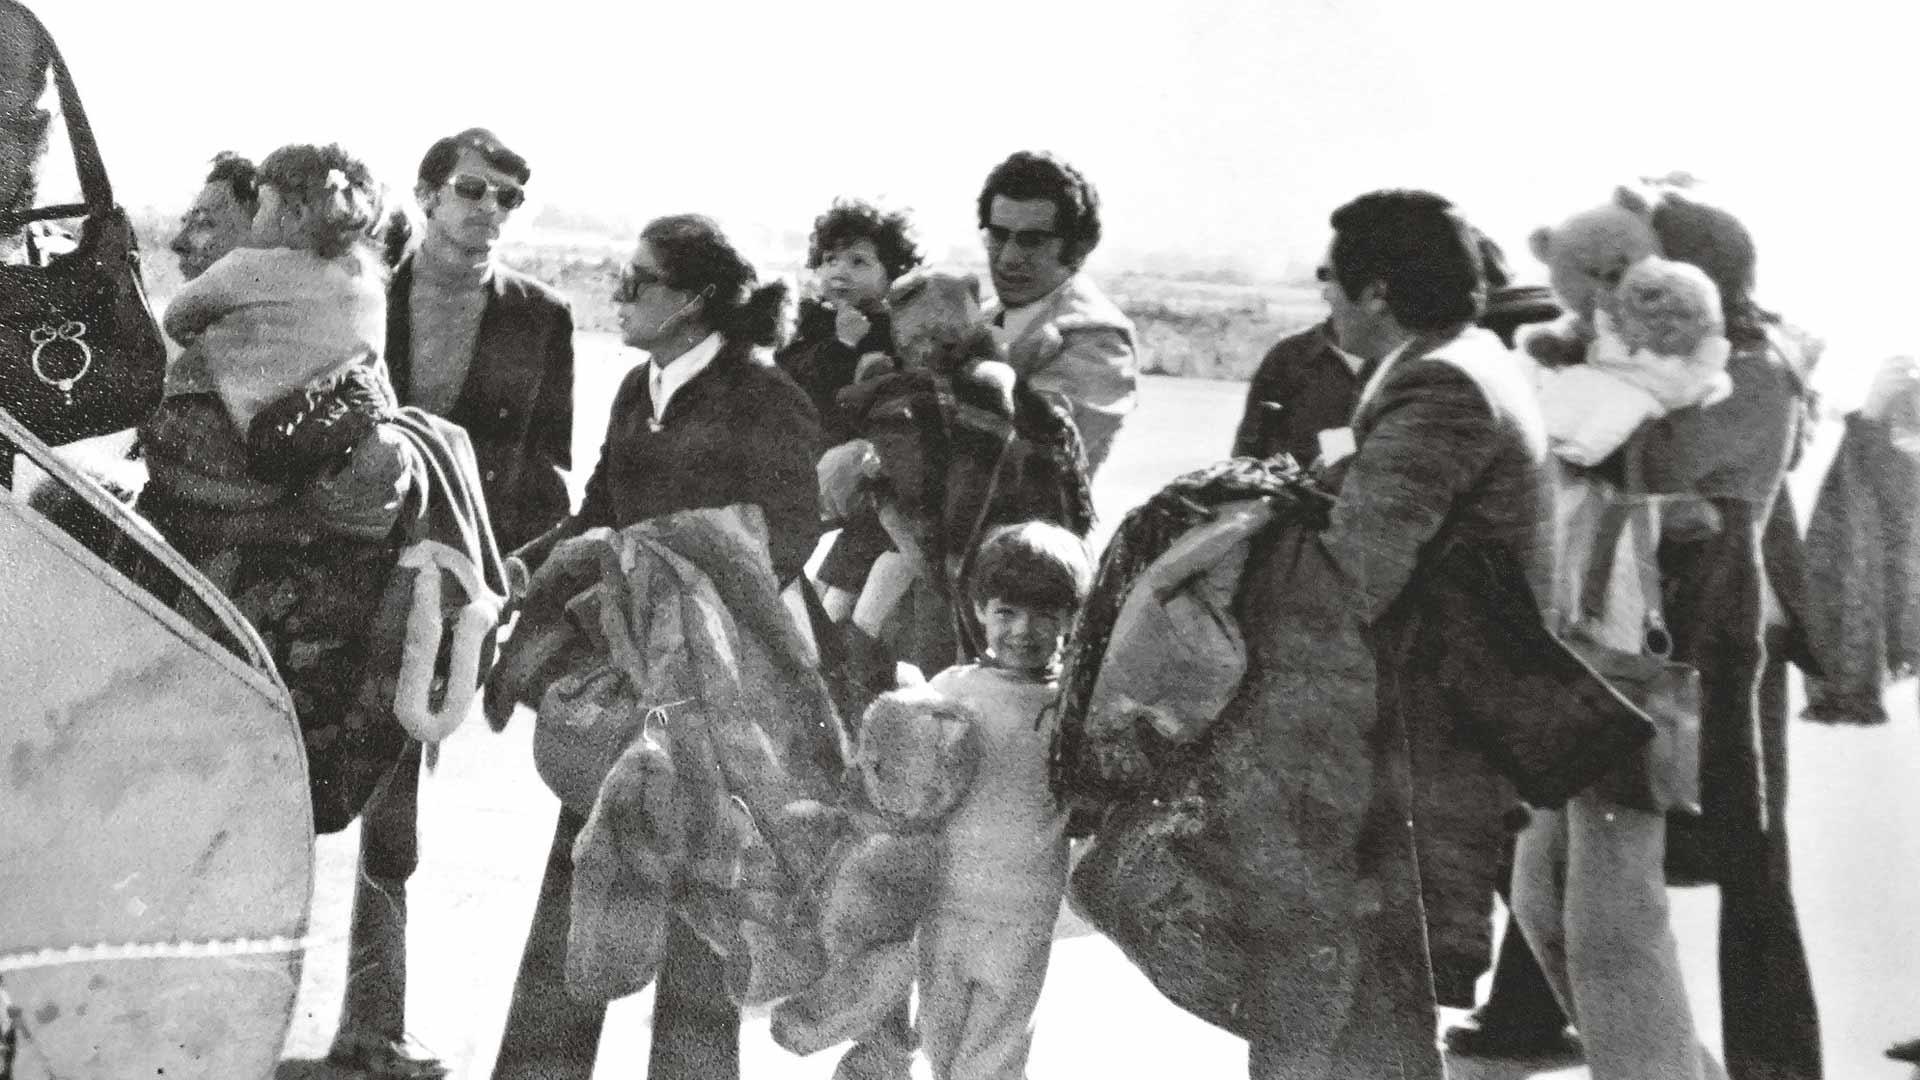 Ensimmäinen pakolaisryhmä lähdössä kohti tuntematonta Santiagon lentokentällä joulukuussa 1973. Kuvassa keskellä Enrique Escobar pikkuinen Ximena sylissään.